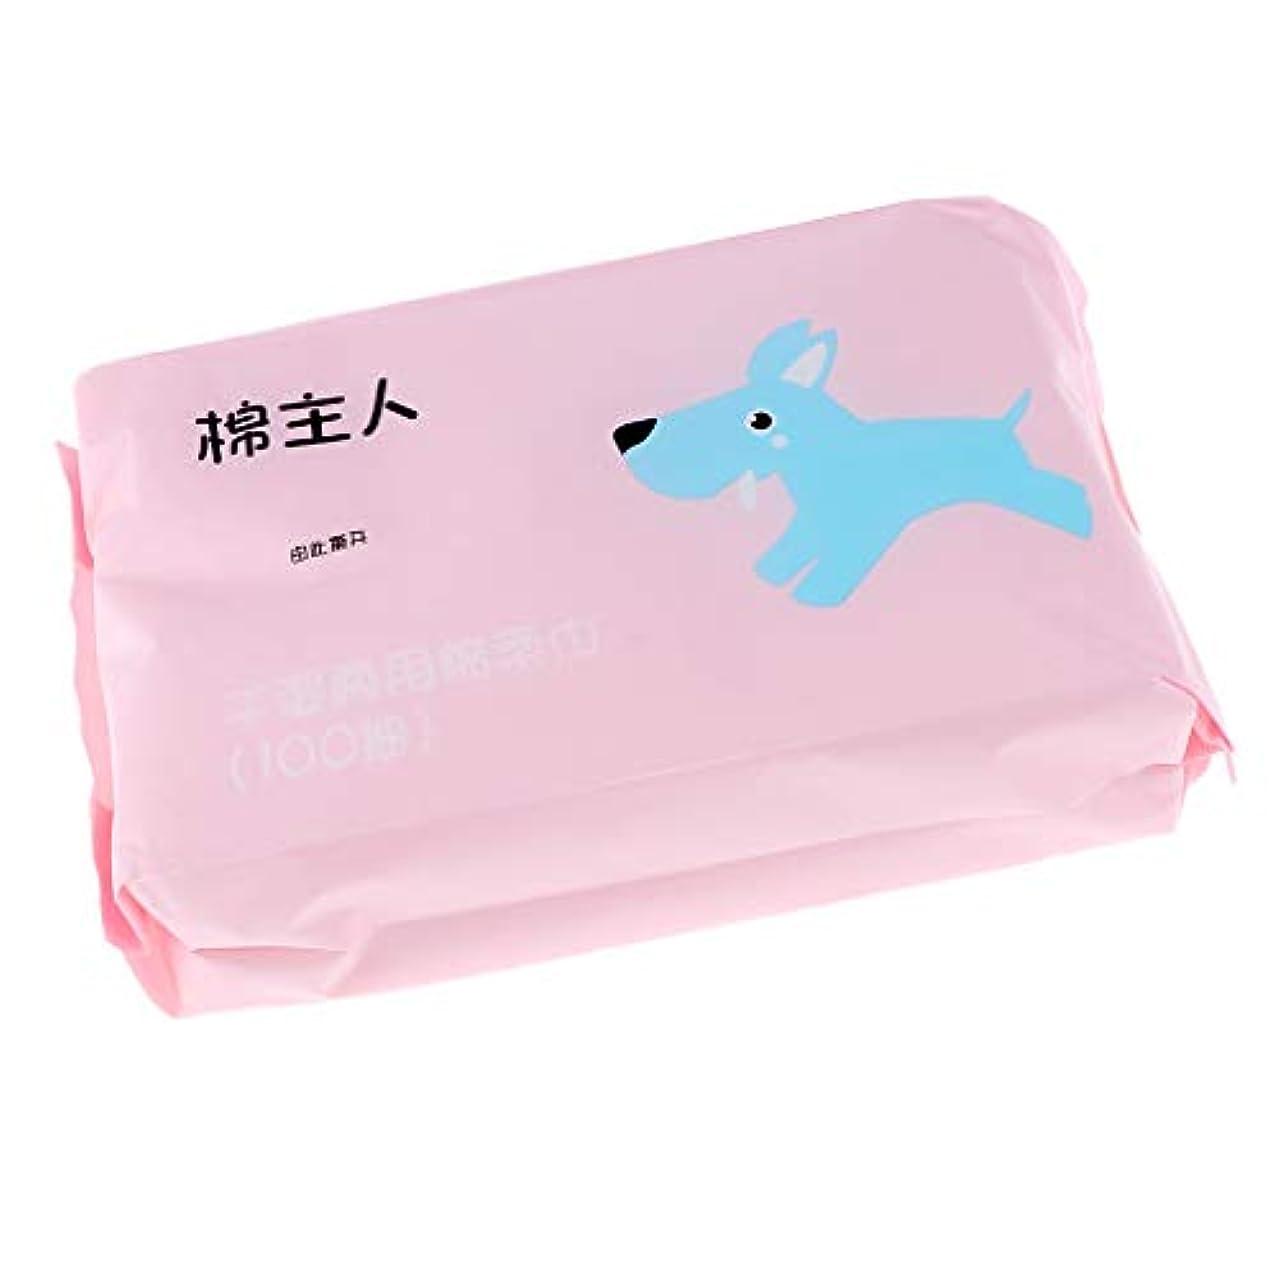 校長主導権囲むSharplace 約100枚 クレンジングシート メイク落とし 使い捨て 不織布 非刺激 清潔 衛生 全2色 - ピンク